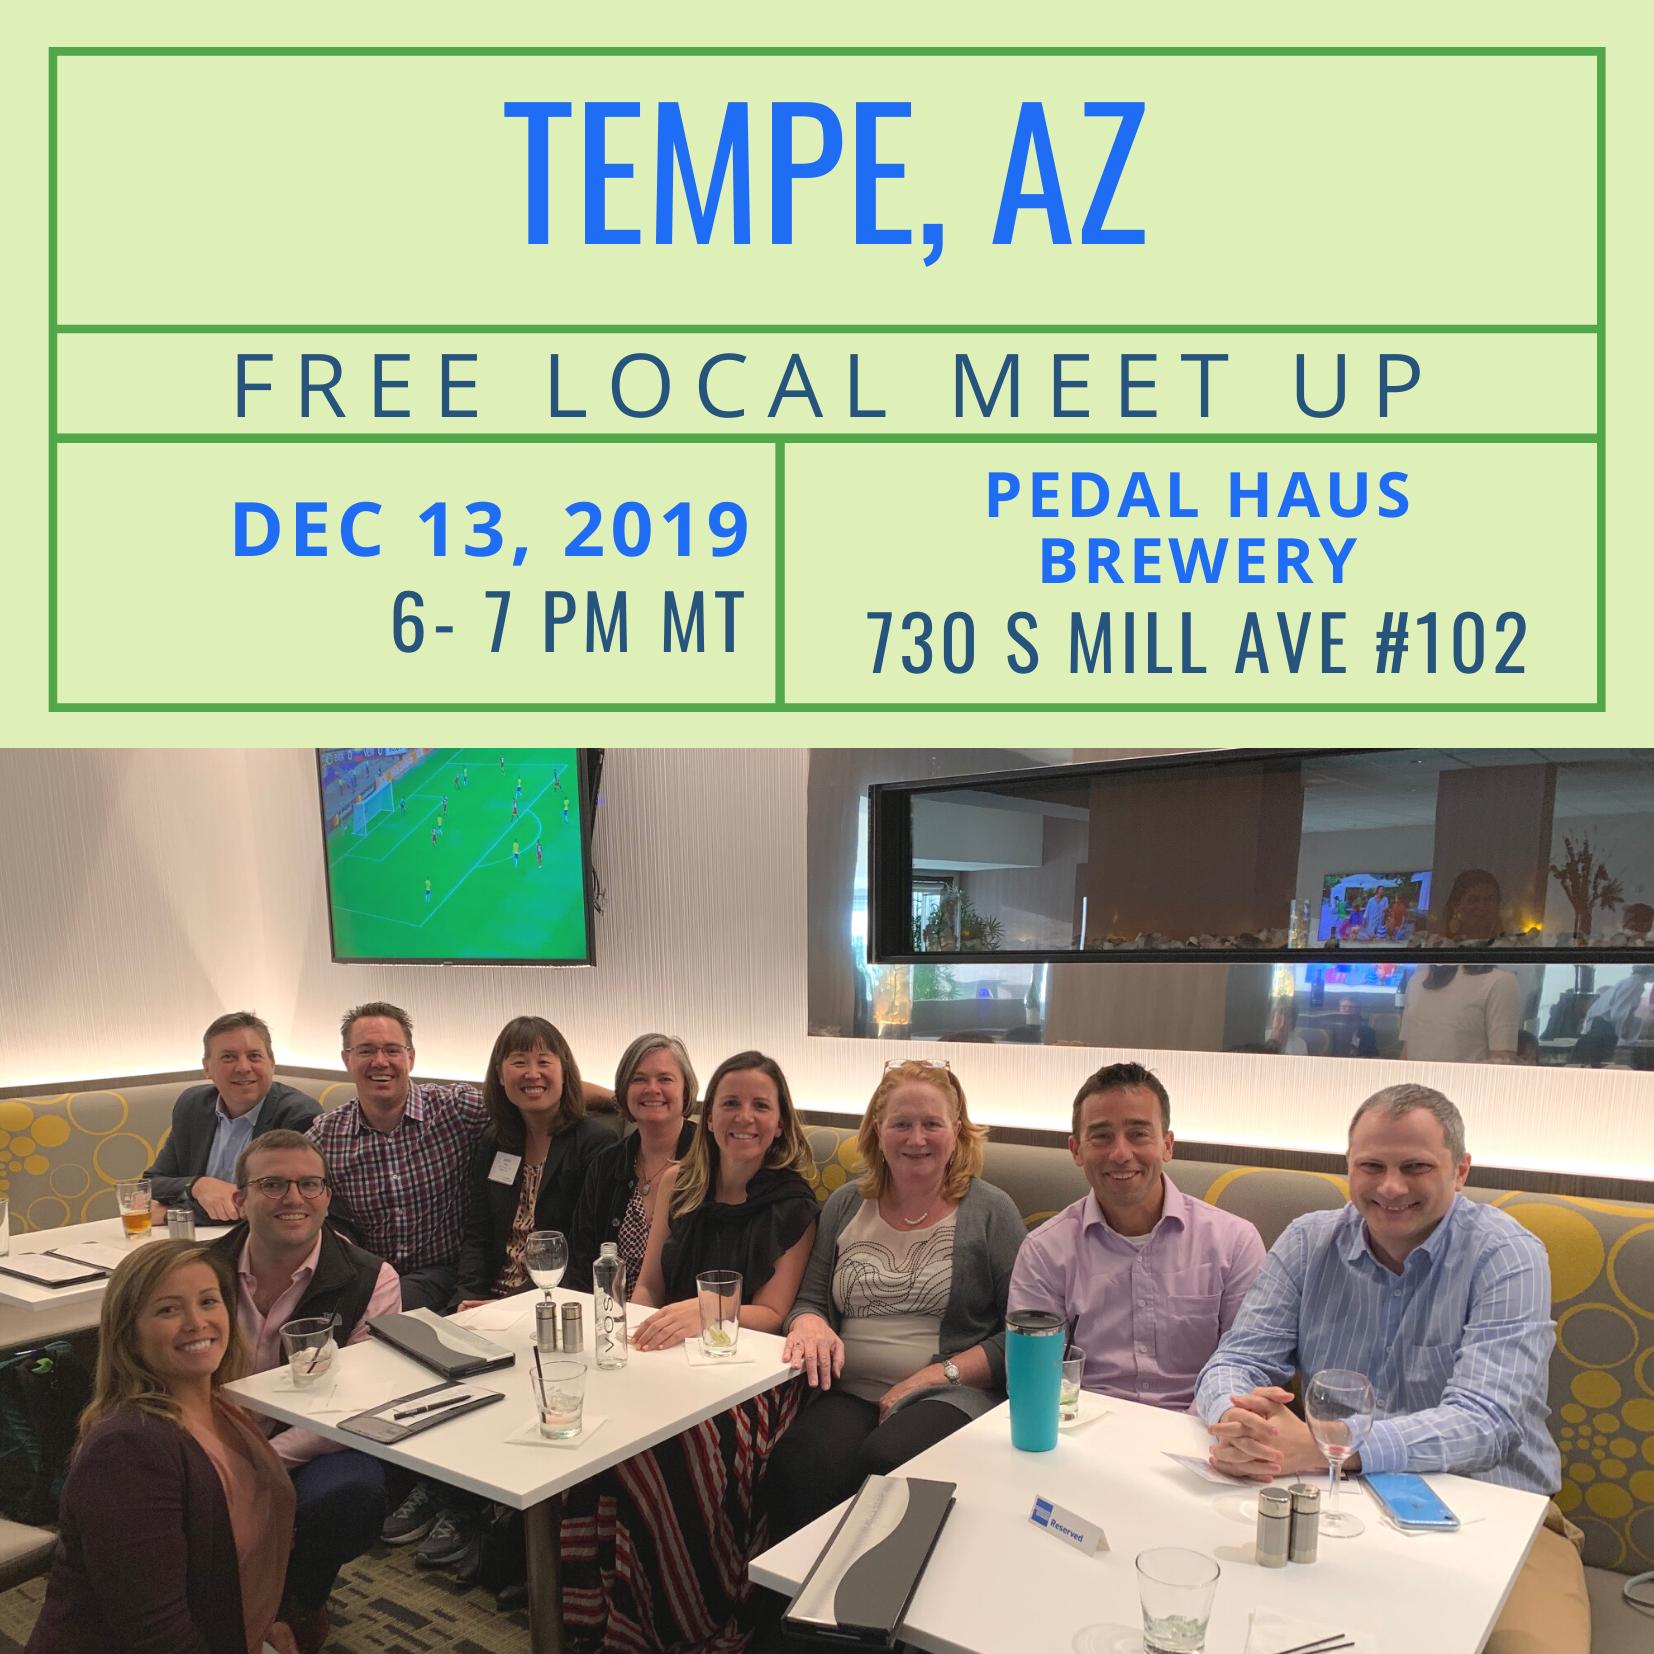 FREE Local Meet Up: Tempe, AZ on December 13